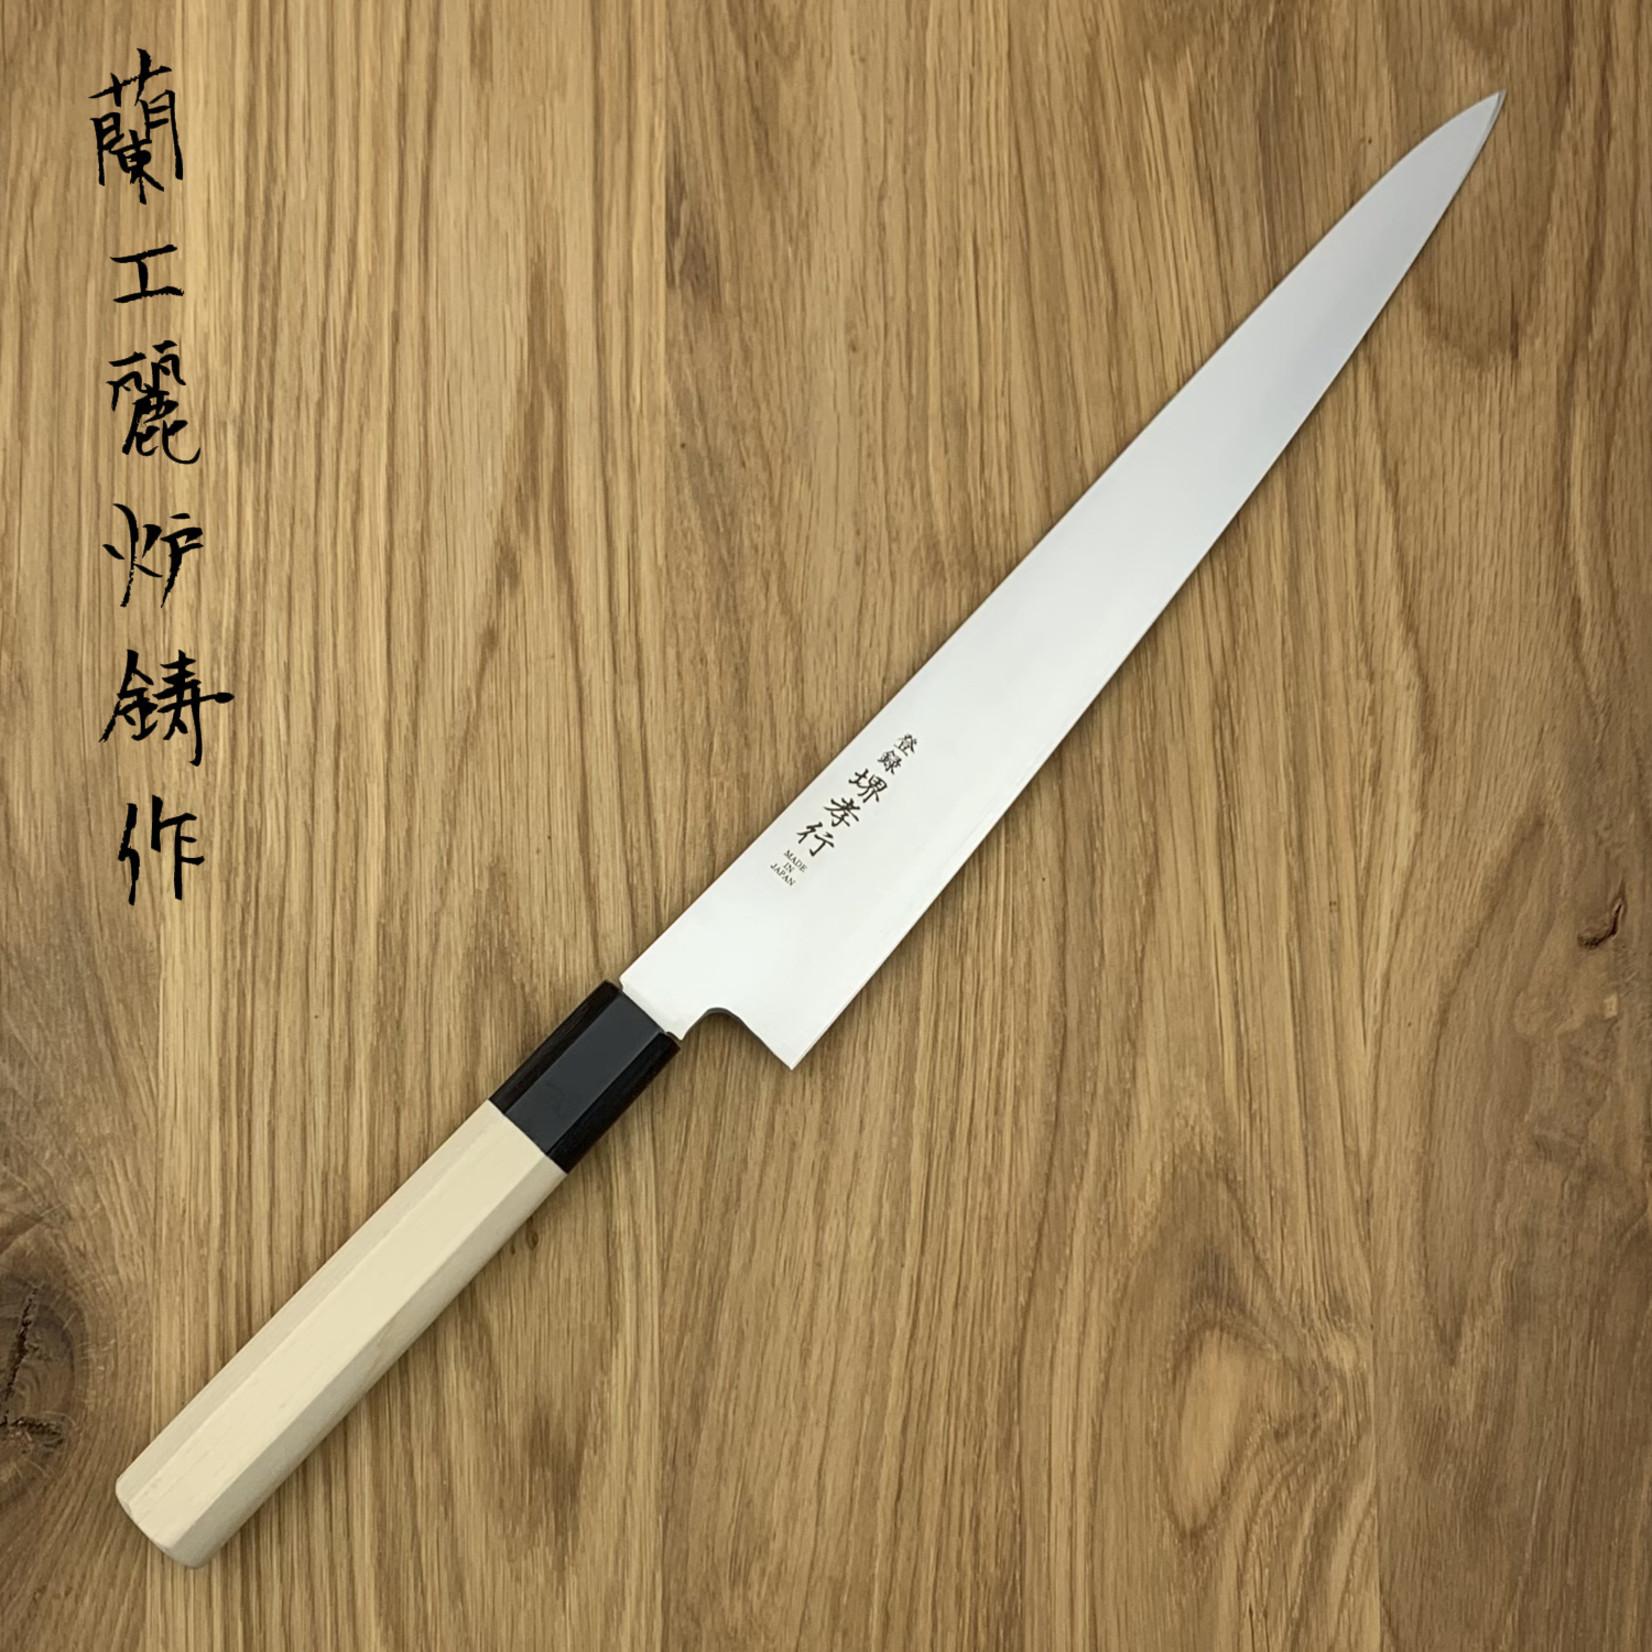 SAKAI TAKAYUKI Grand Chef WA Sujihiki 240 mm 10623